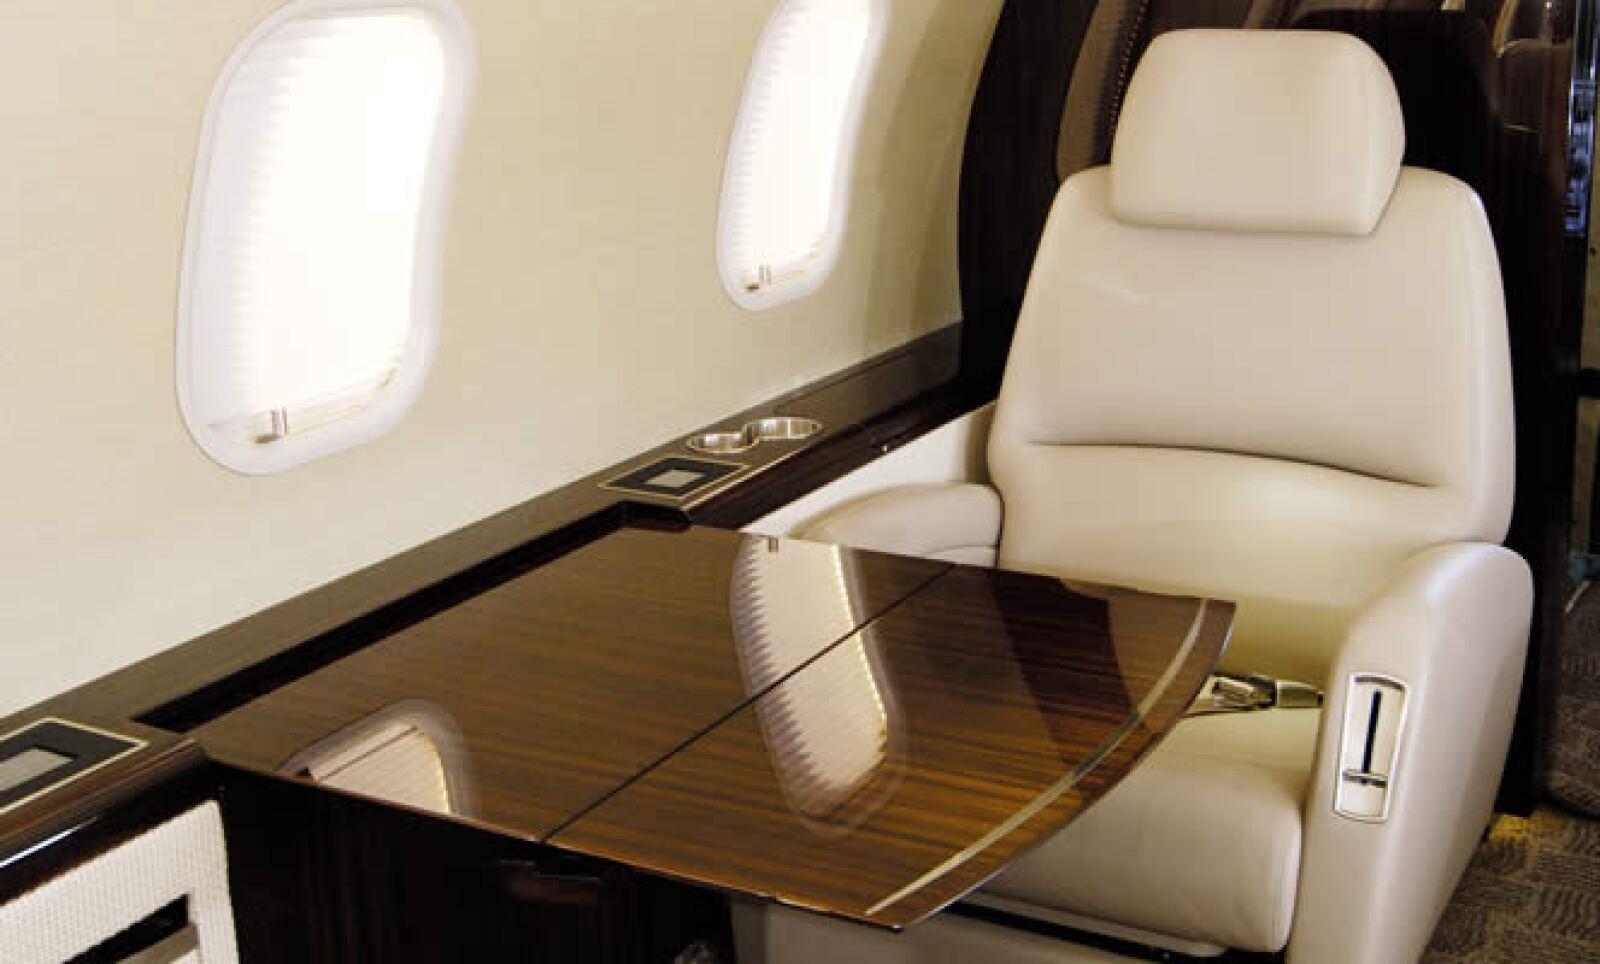 El artefacto volador puede realizar vuelos intercontinentales de más de 4,000 kilómetros de distancia sin necesidad de hacer escalas.